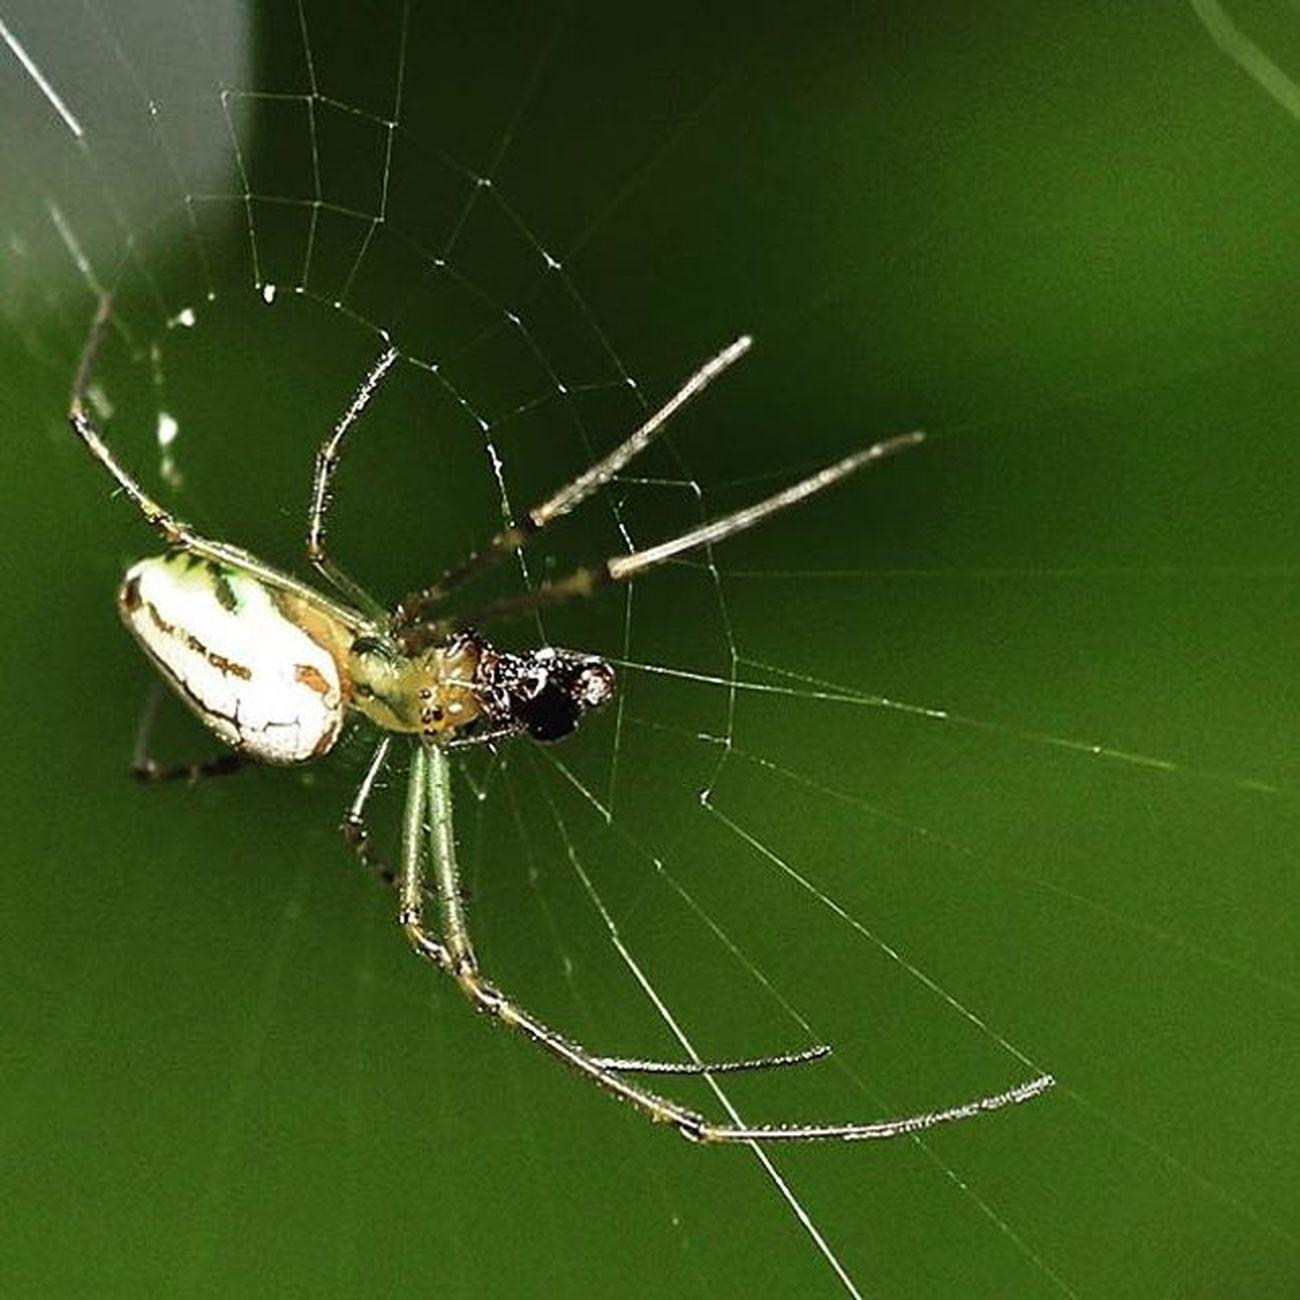 Spider Spiderworld Ig_spiders Macroworld_tr